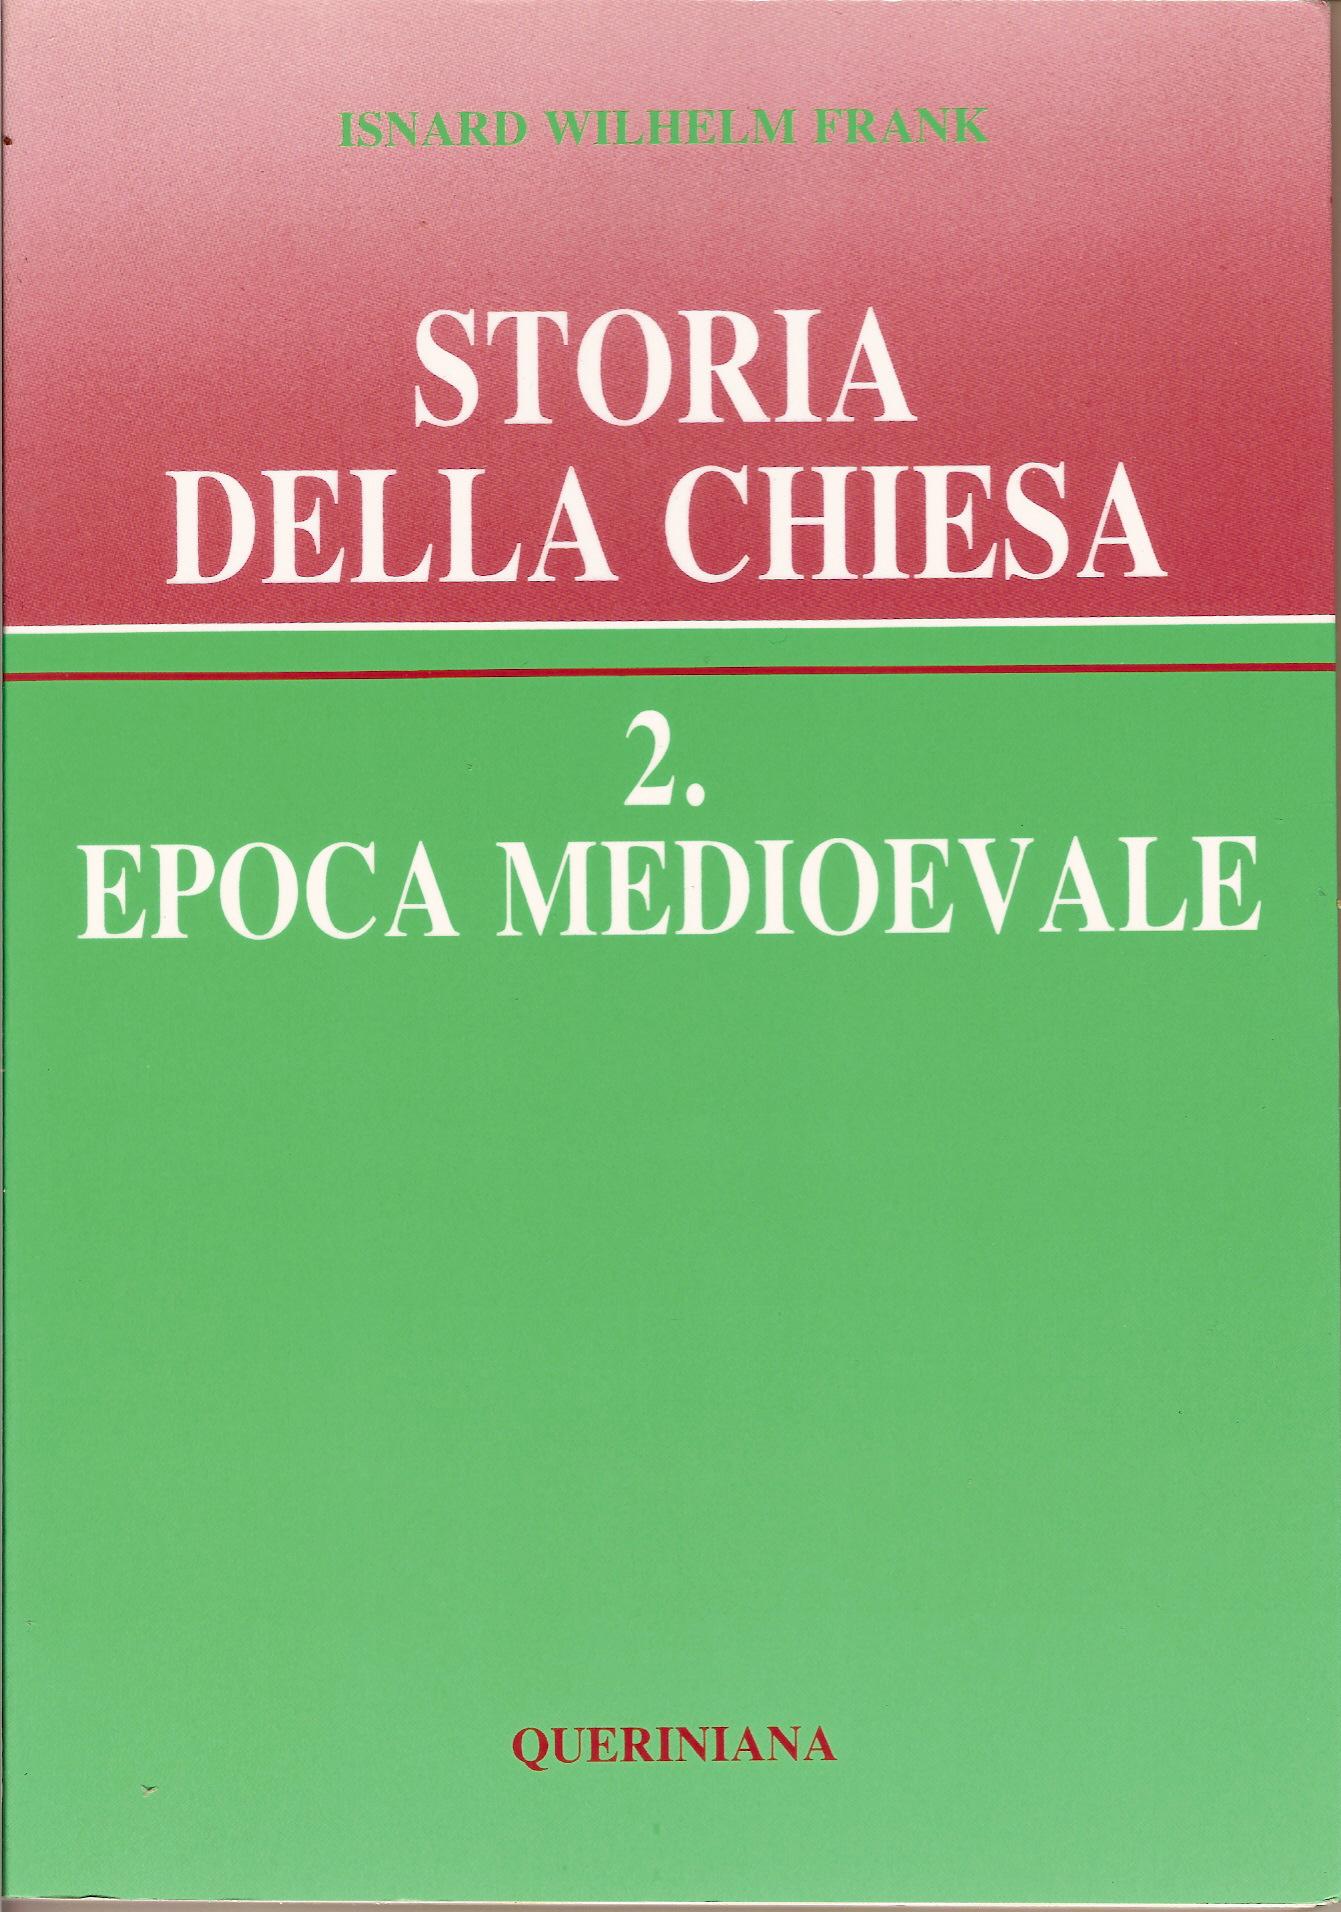 Storia della Chiesa / Epoca medioevale